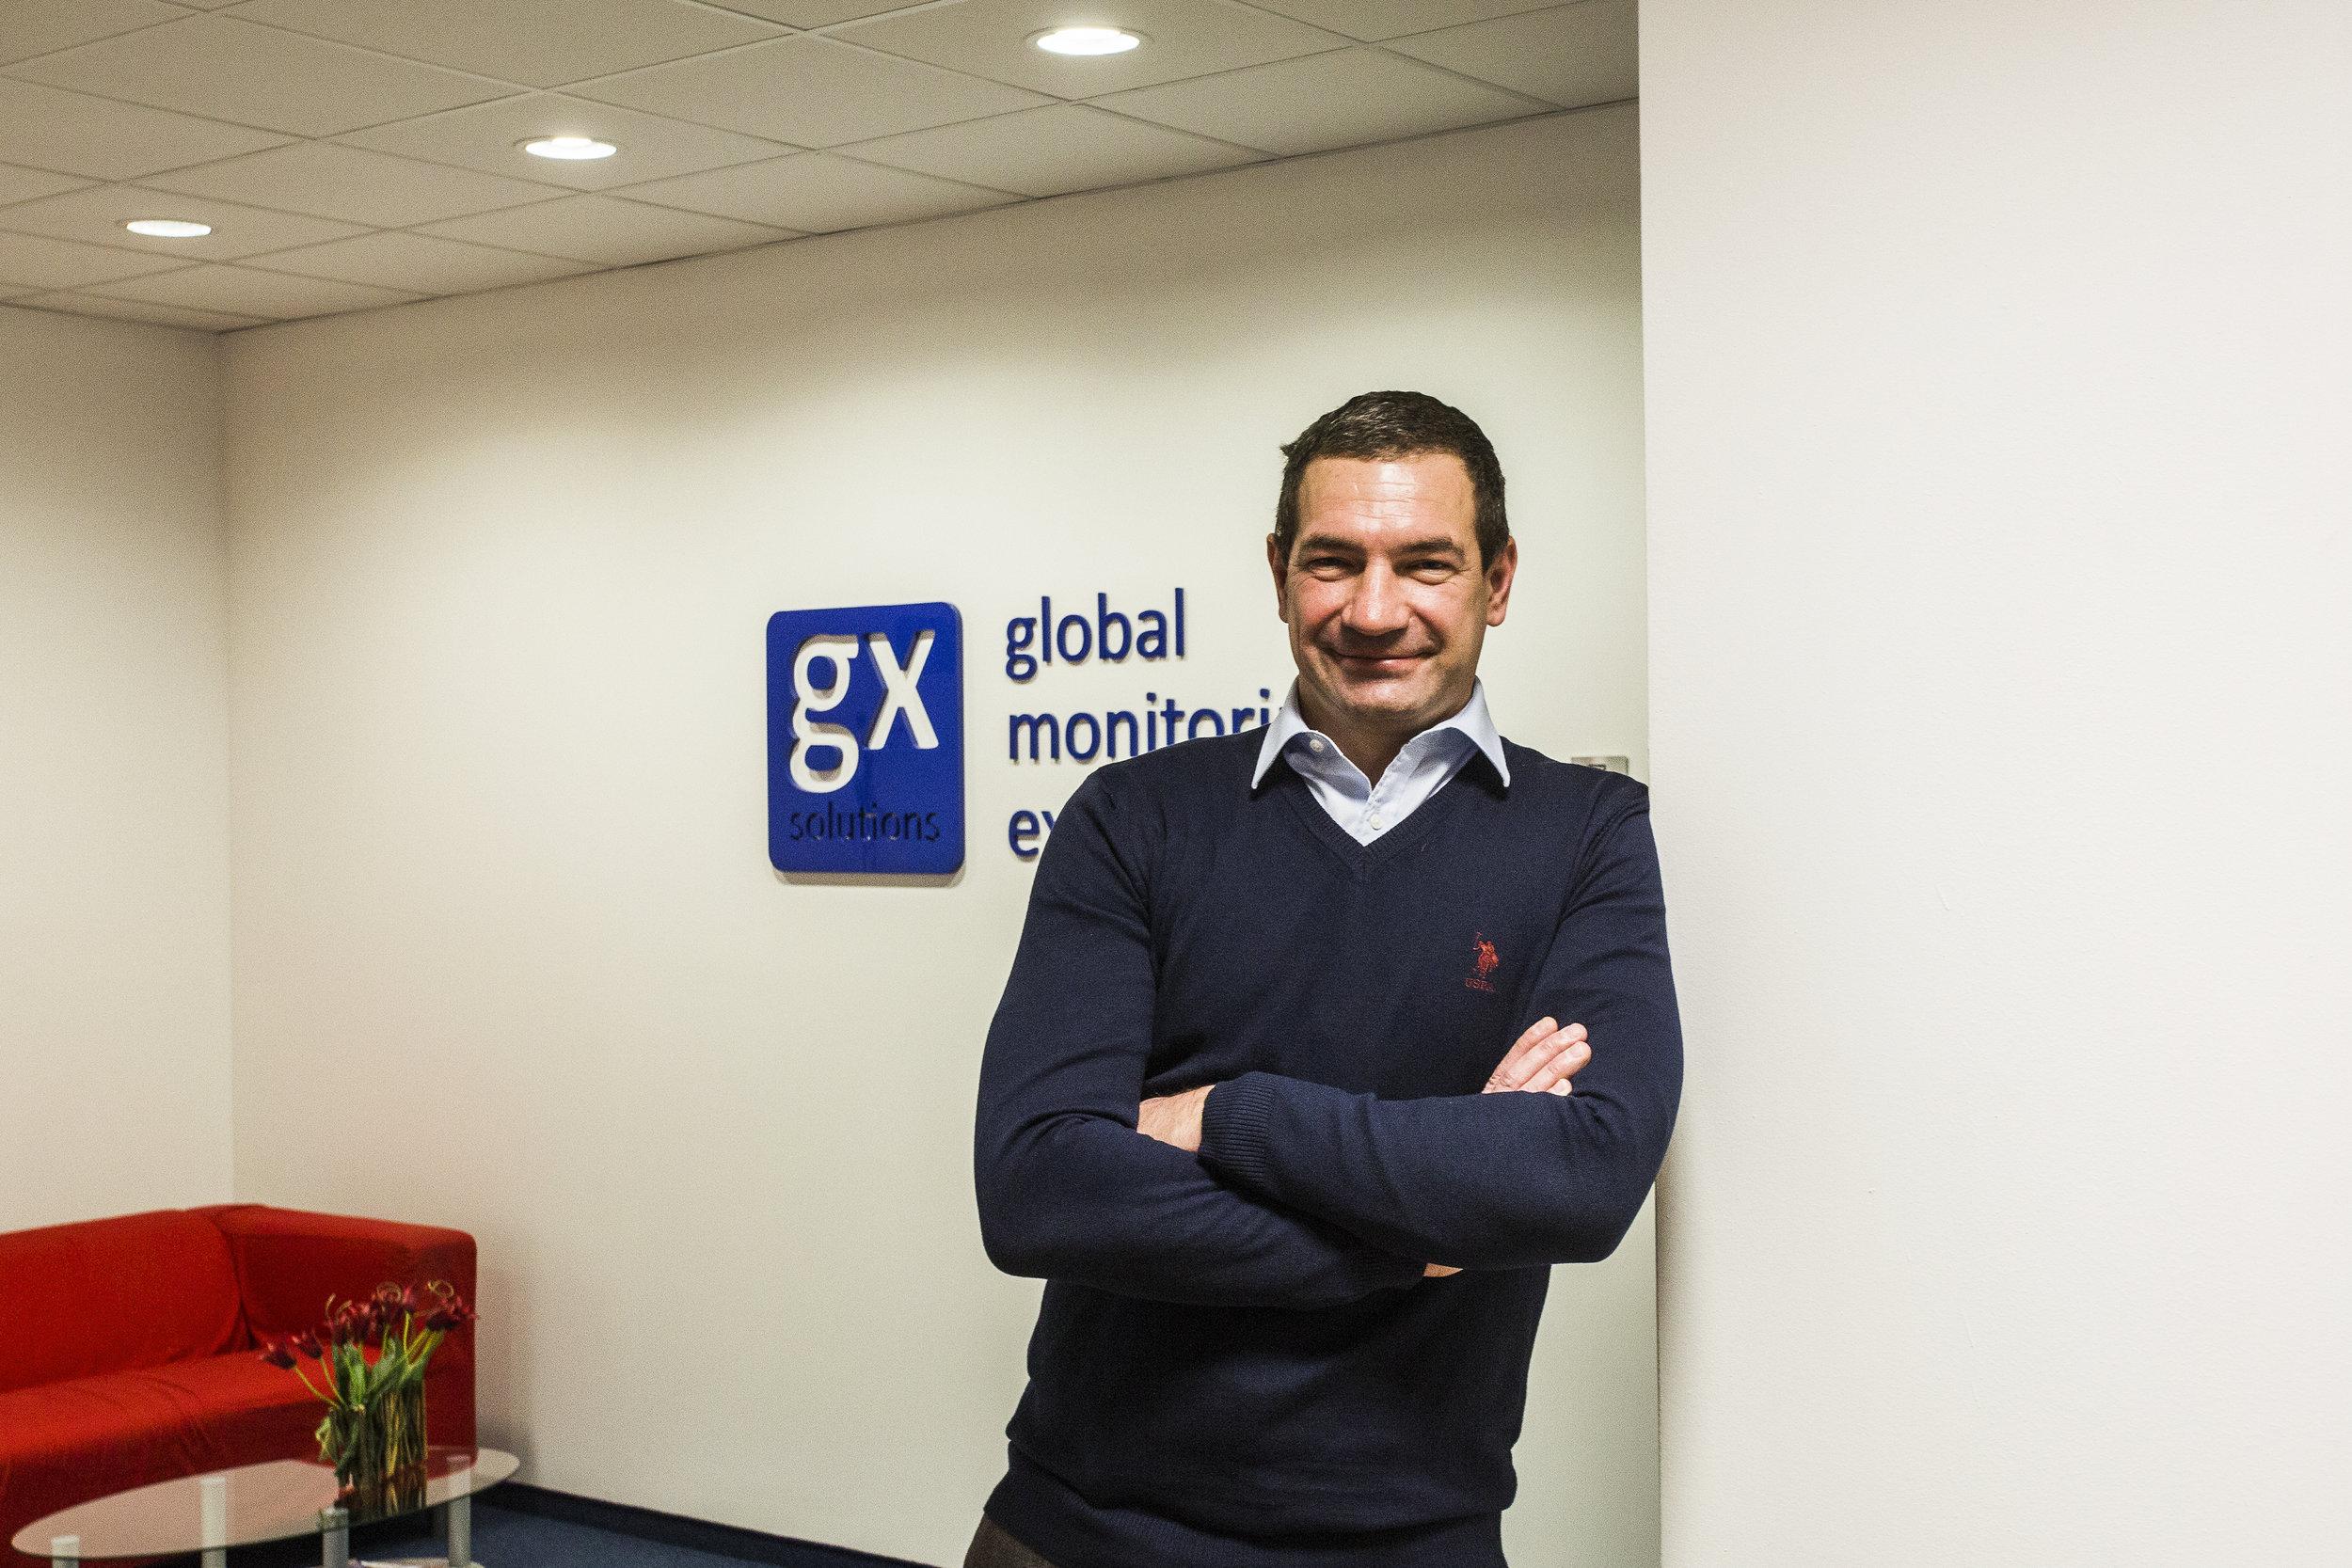 Digitálne technika a automatizácia monotónnych úloh zvýši bezpečnosť práce.   Juraj Kozica , GX Solutions